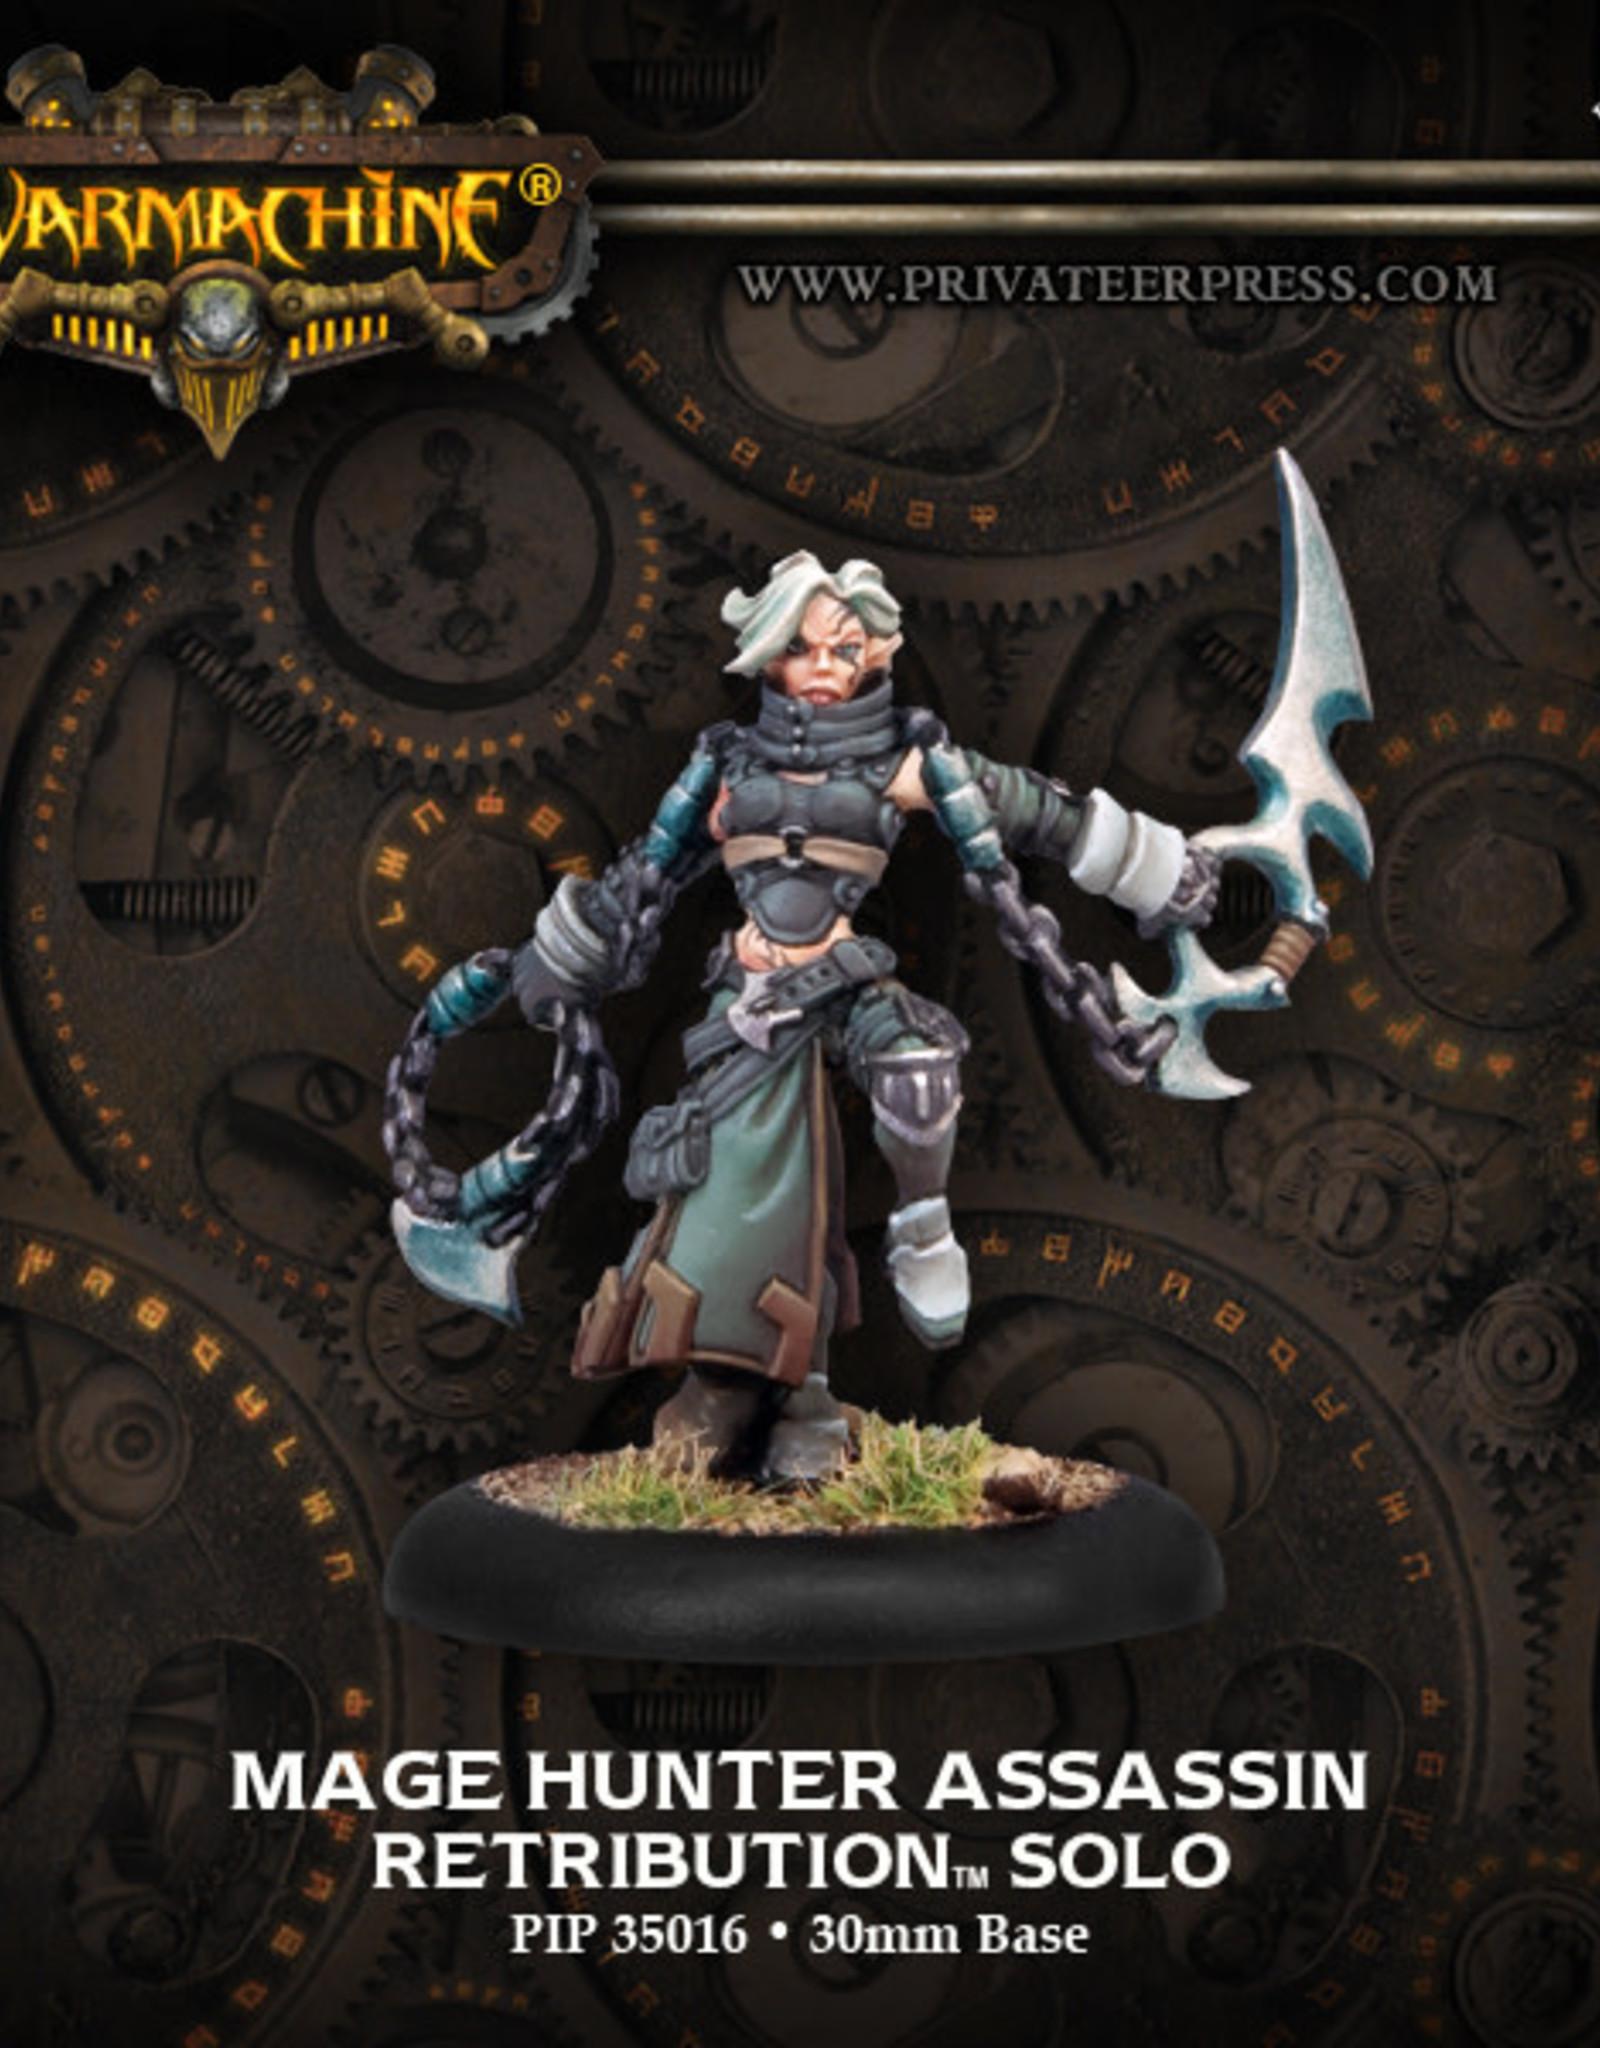 Warmachine Scyrah - Mage Hunter